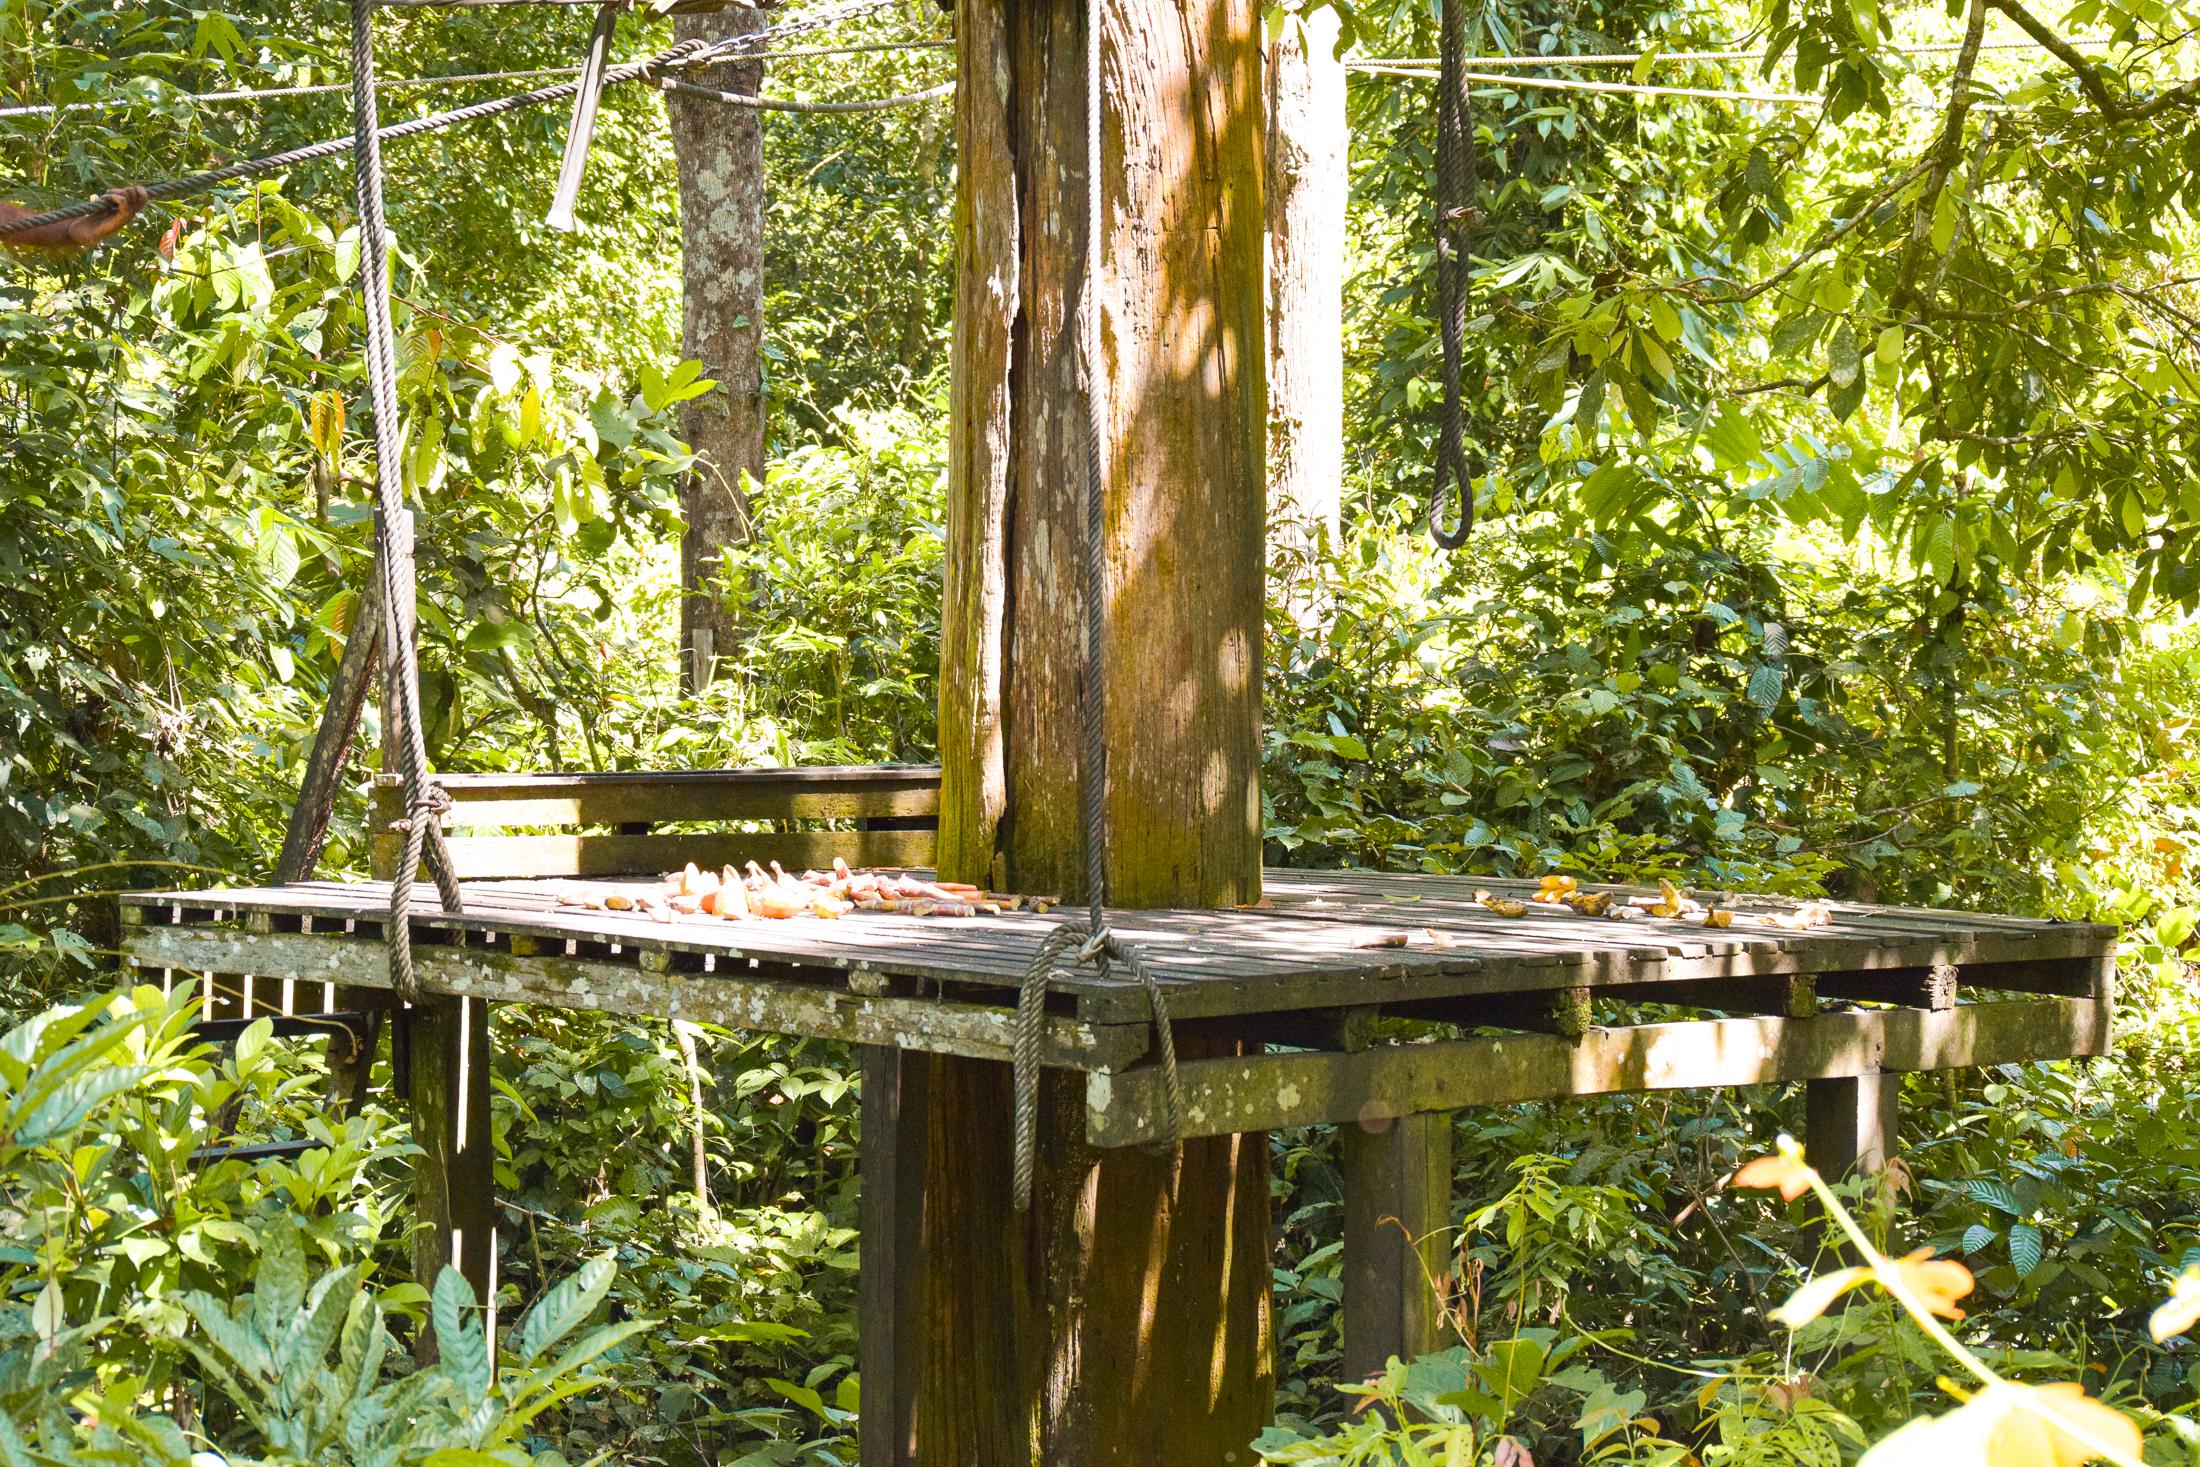 plattform runt ett träd för mat till orangutangerna.